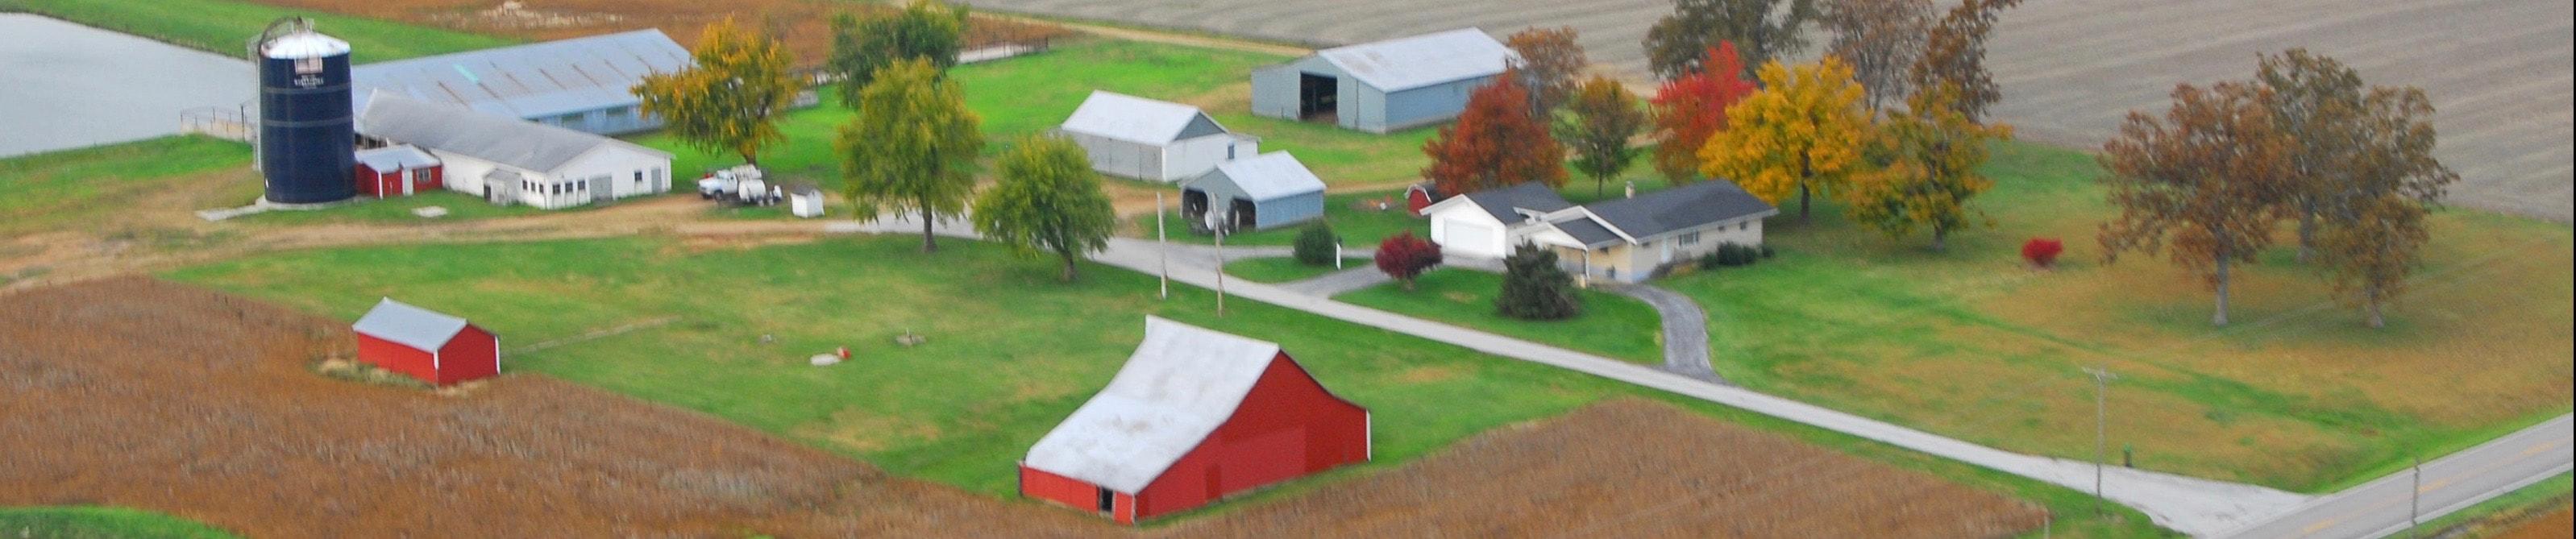 Missouri aerial . Jason Rust